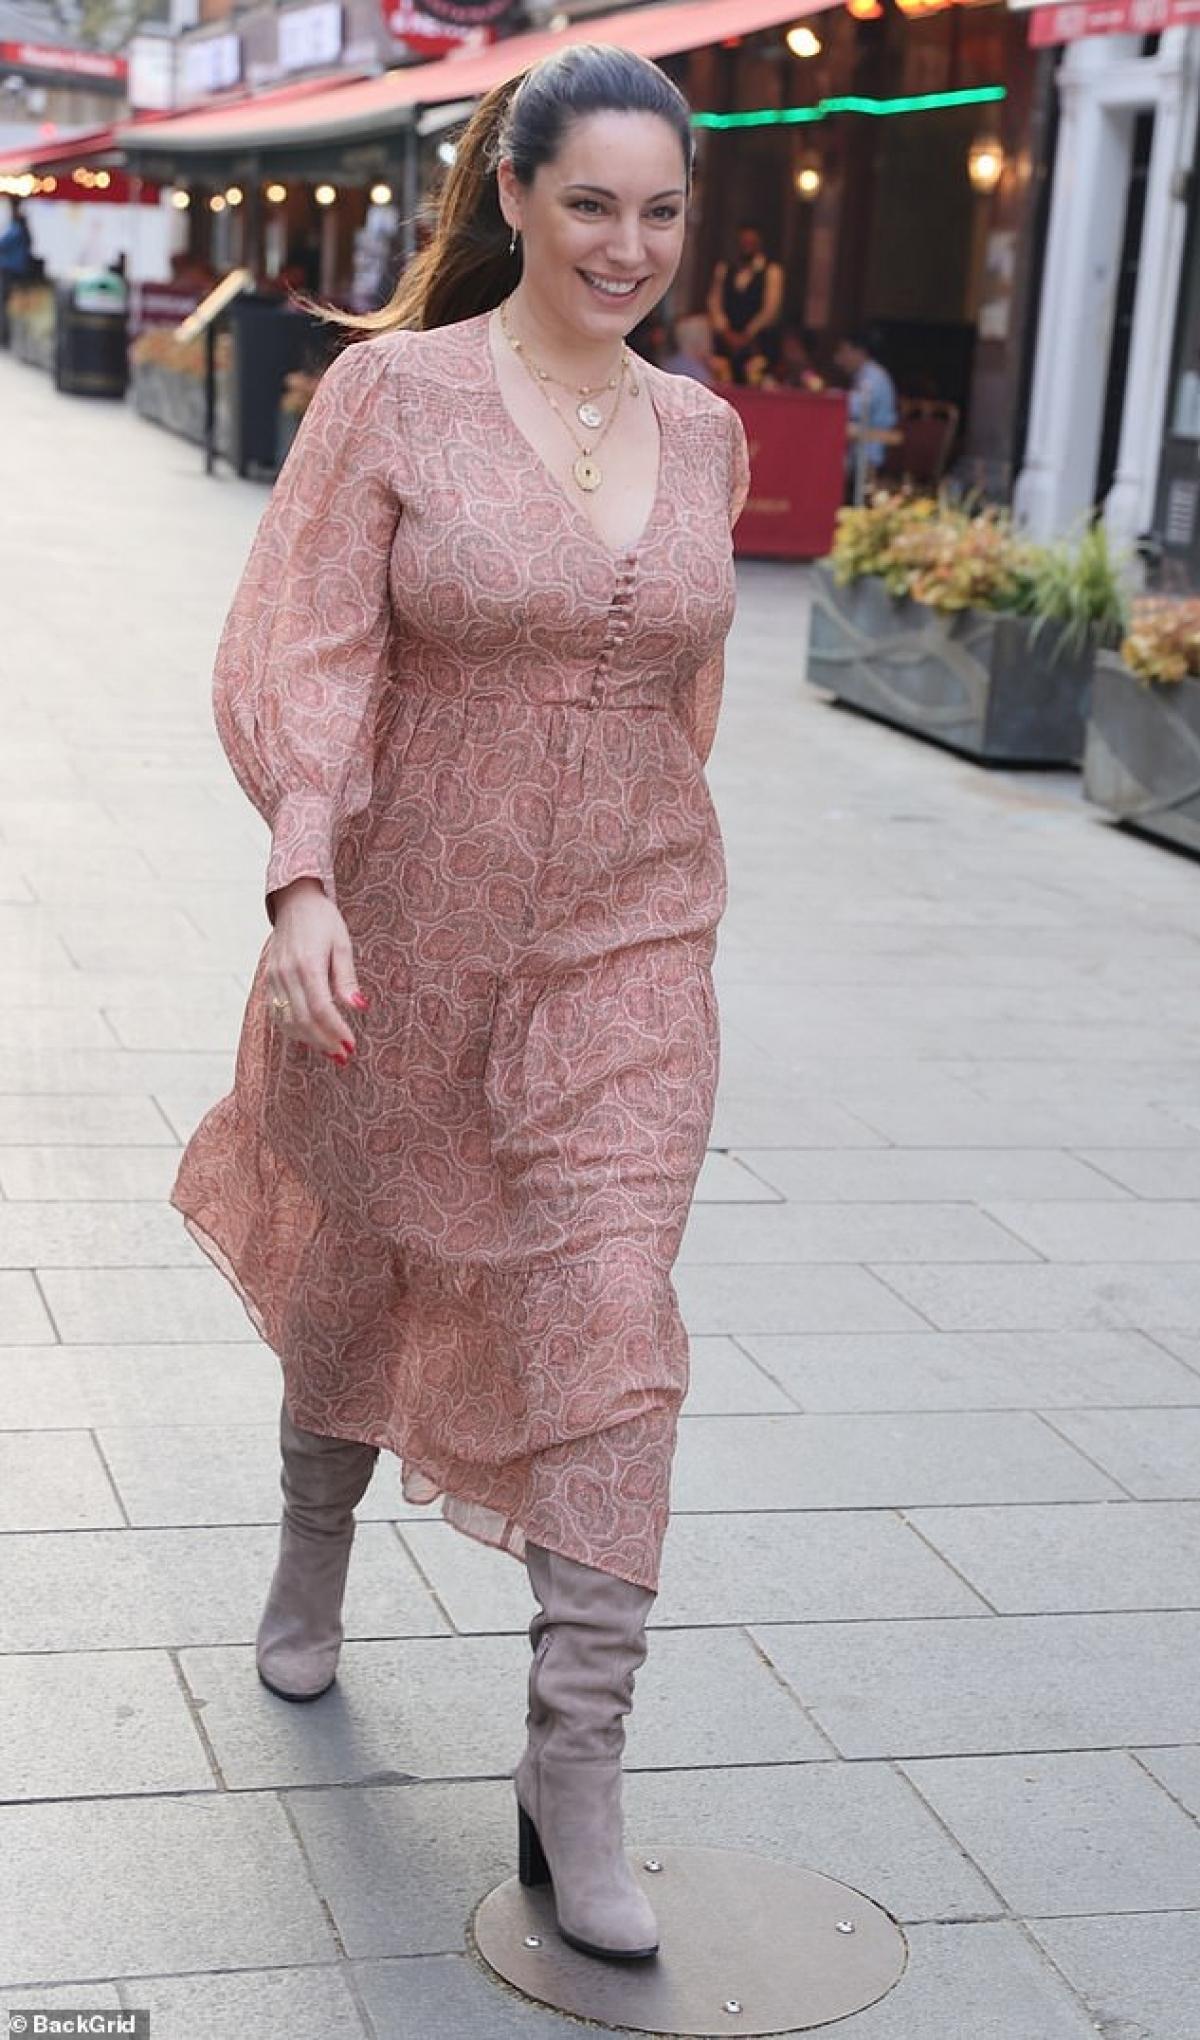 Kelly Brook là diễn viên kiêm siêu mẫu nổi tiếng xứ sở sương mù. Thời gian gần đây, cô dần lấn sân sang lĩnh vực phát thanh viên. Dù ở bất kỳ vai trò nào, Kelly Brook vẫn nhận được sự ủng hộ từ phía công chúng./.